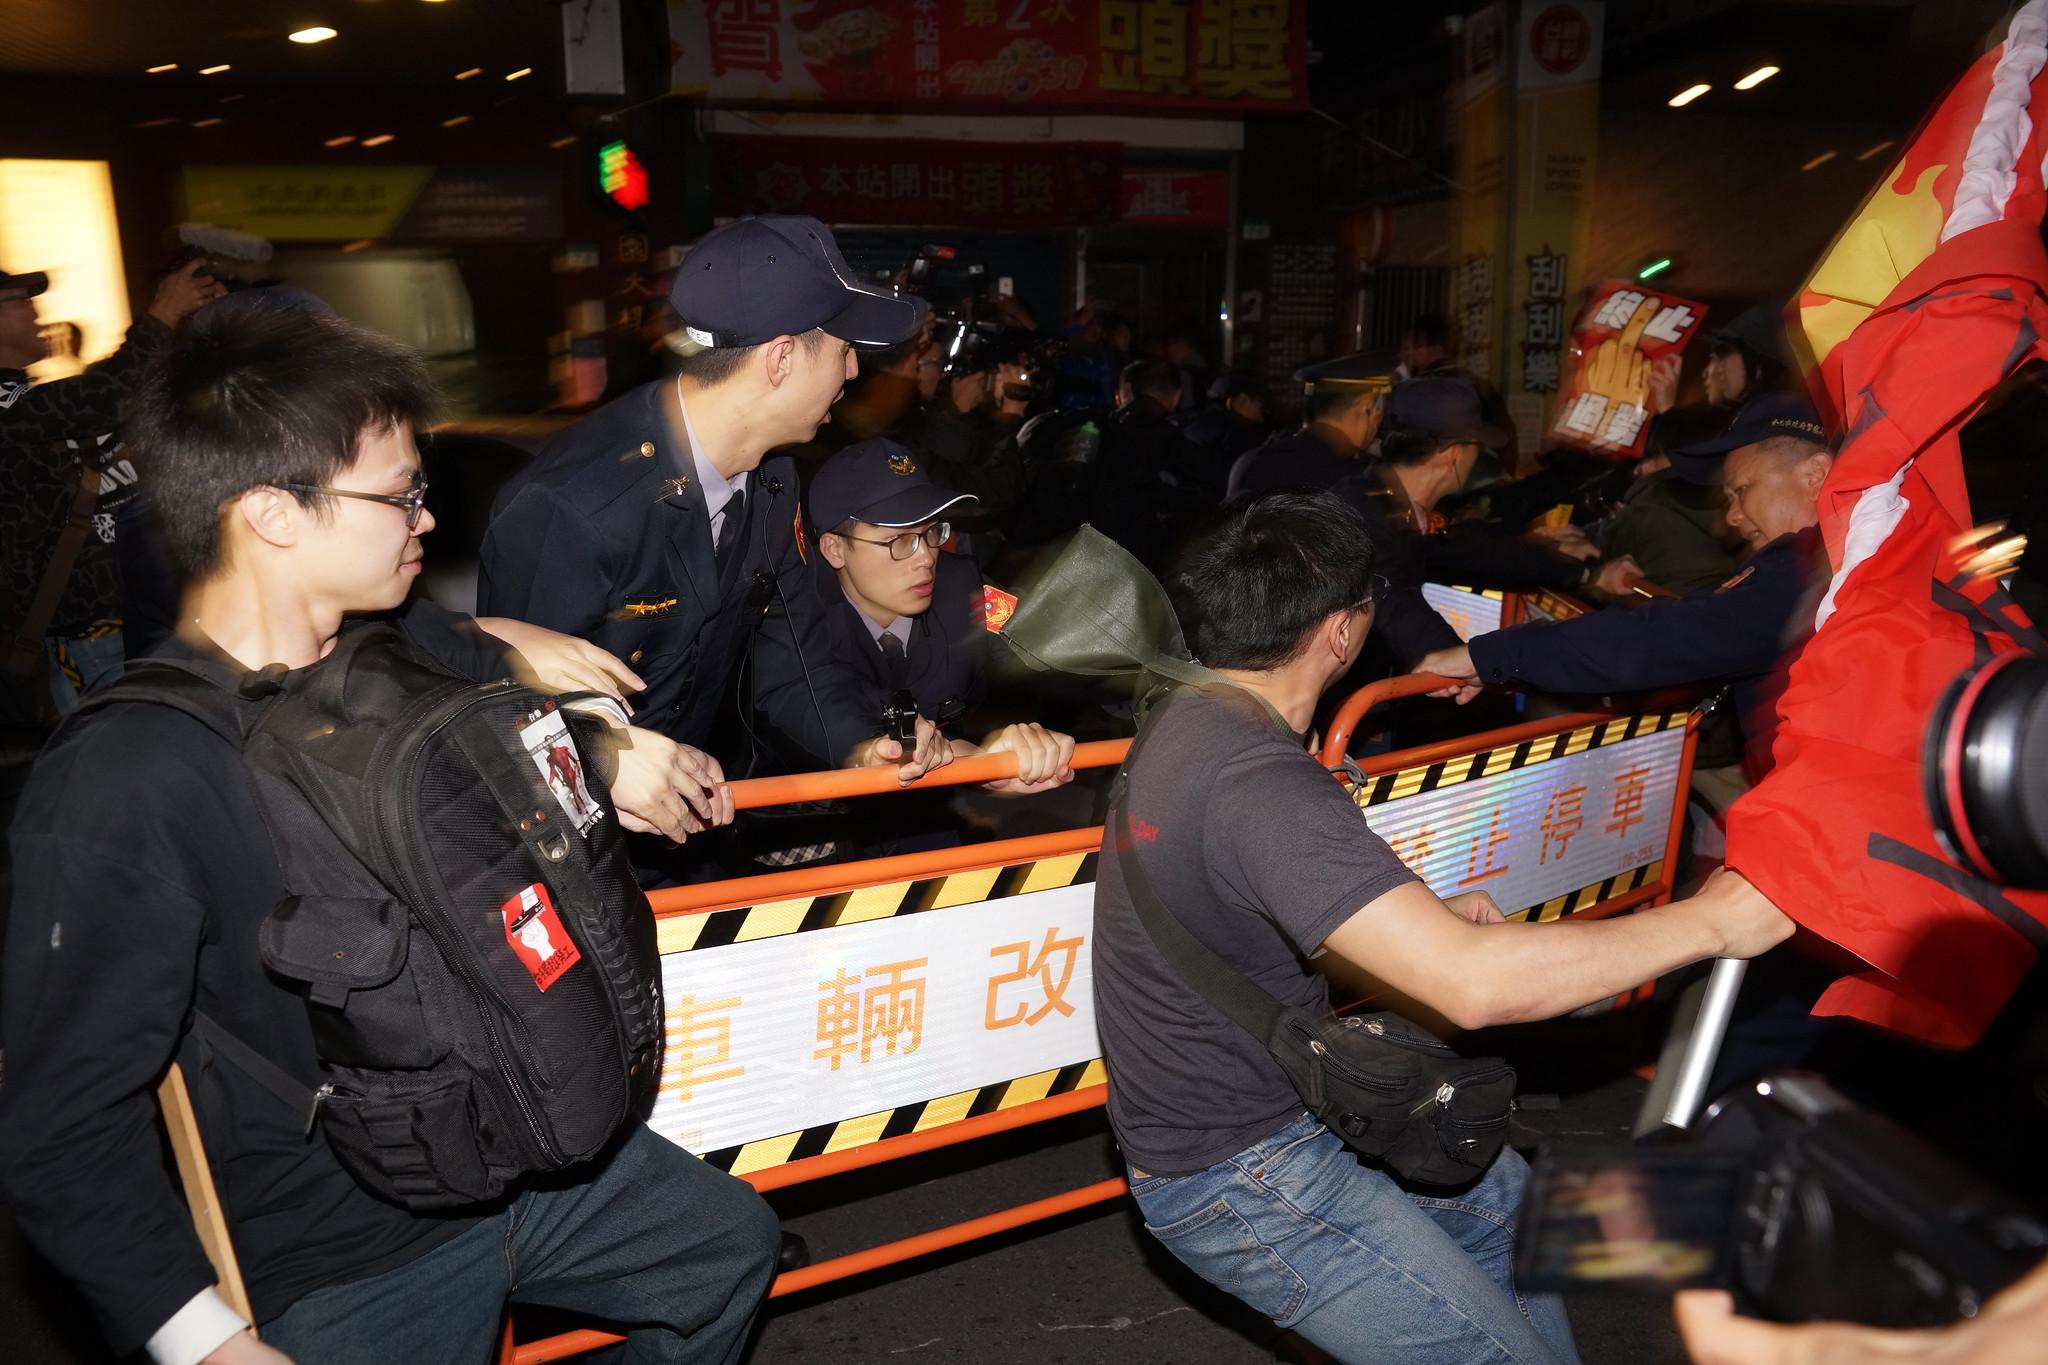 警方多次尝试设置路障阻挡队伍前进,但由于无法预测游行路线,路障总是被群众以人数优势排除而阻挡未果。(摄影:王颢中)